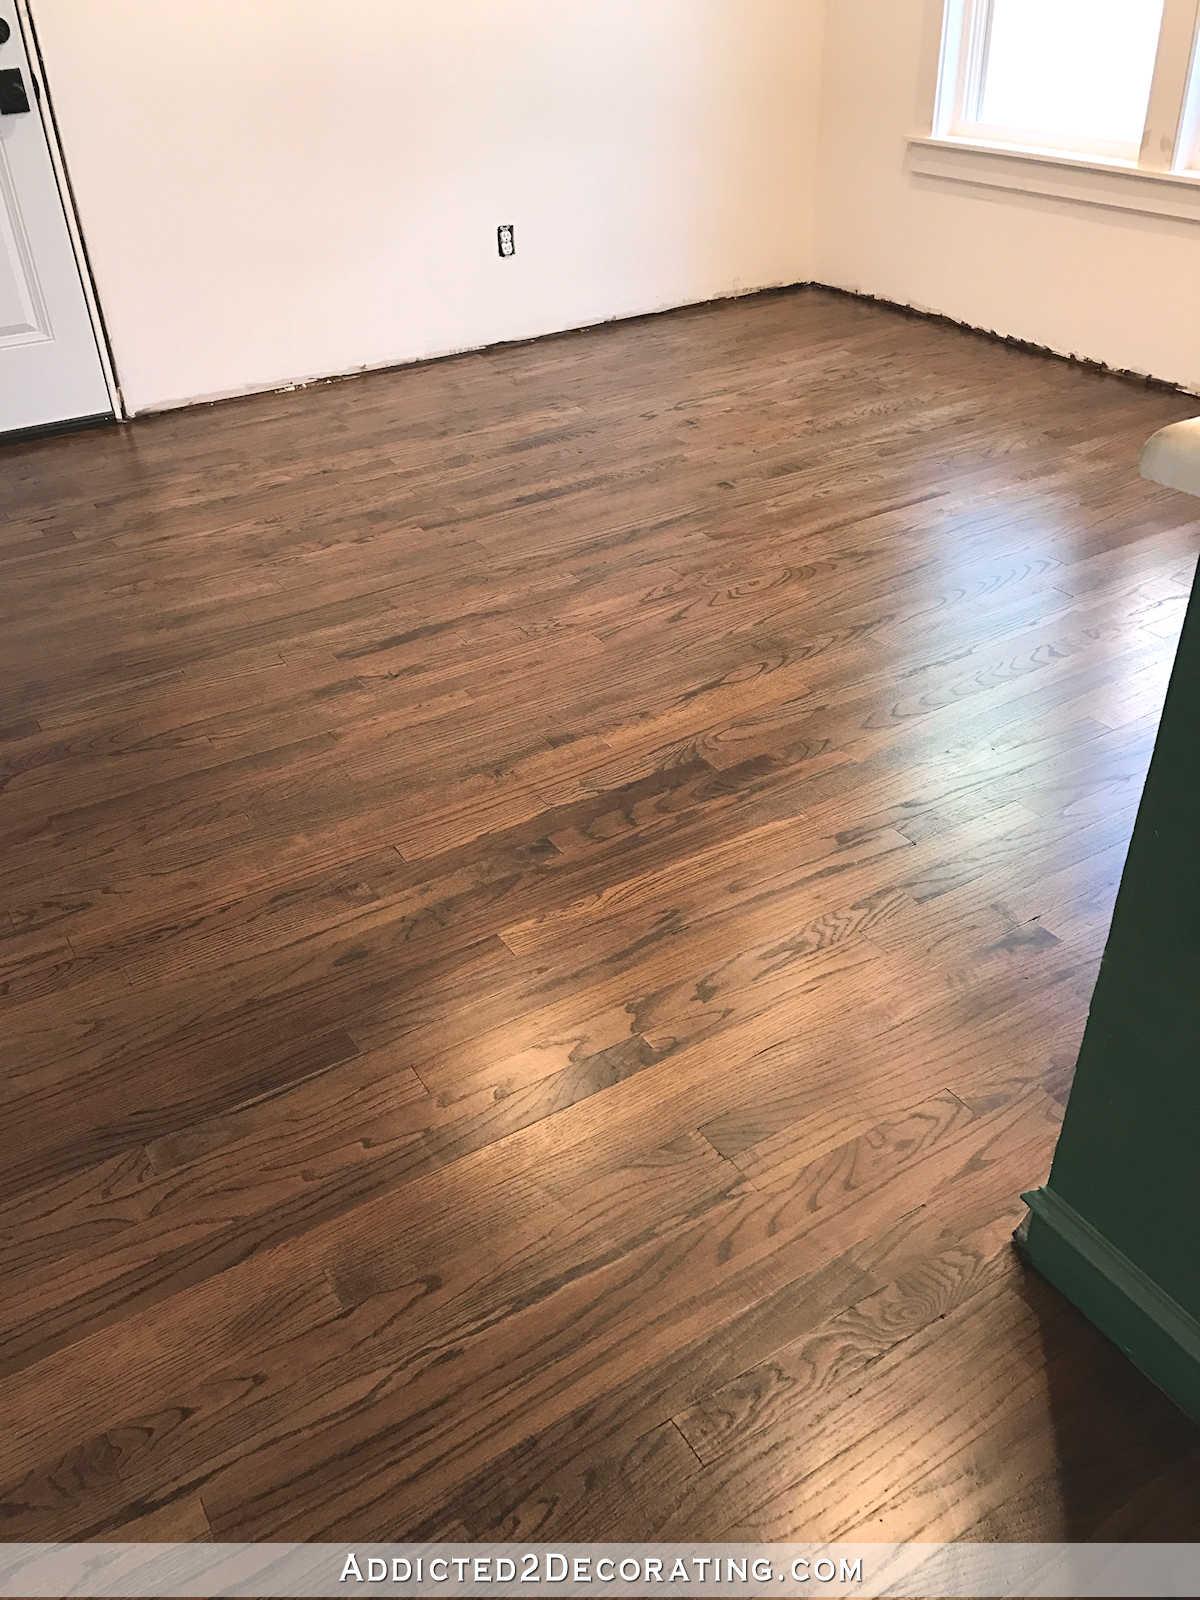 My Newly Refinished Red Oak Hardwood Floors  Addicted 2 Decorating